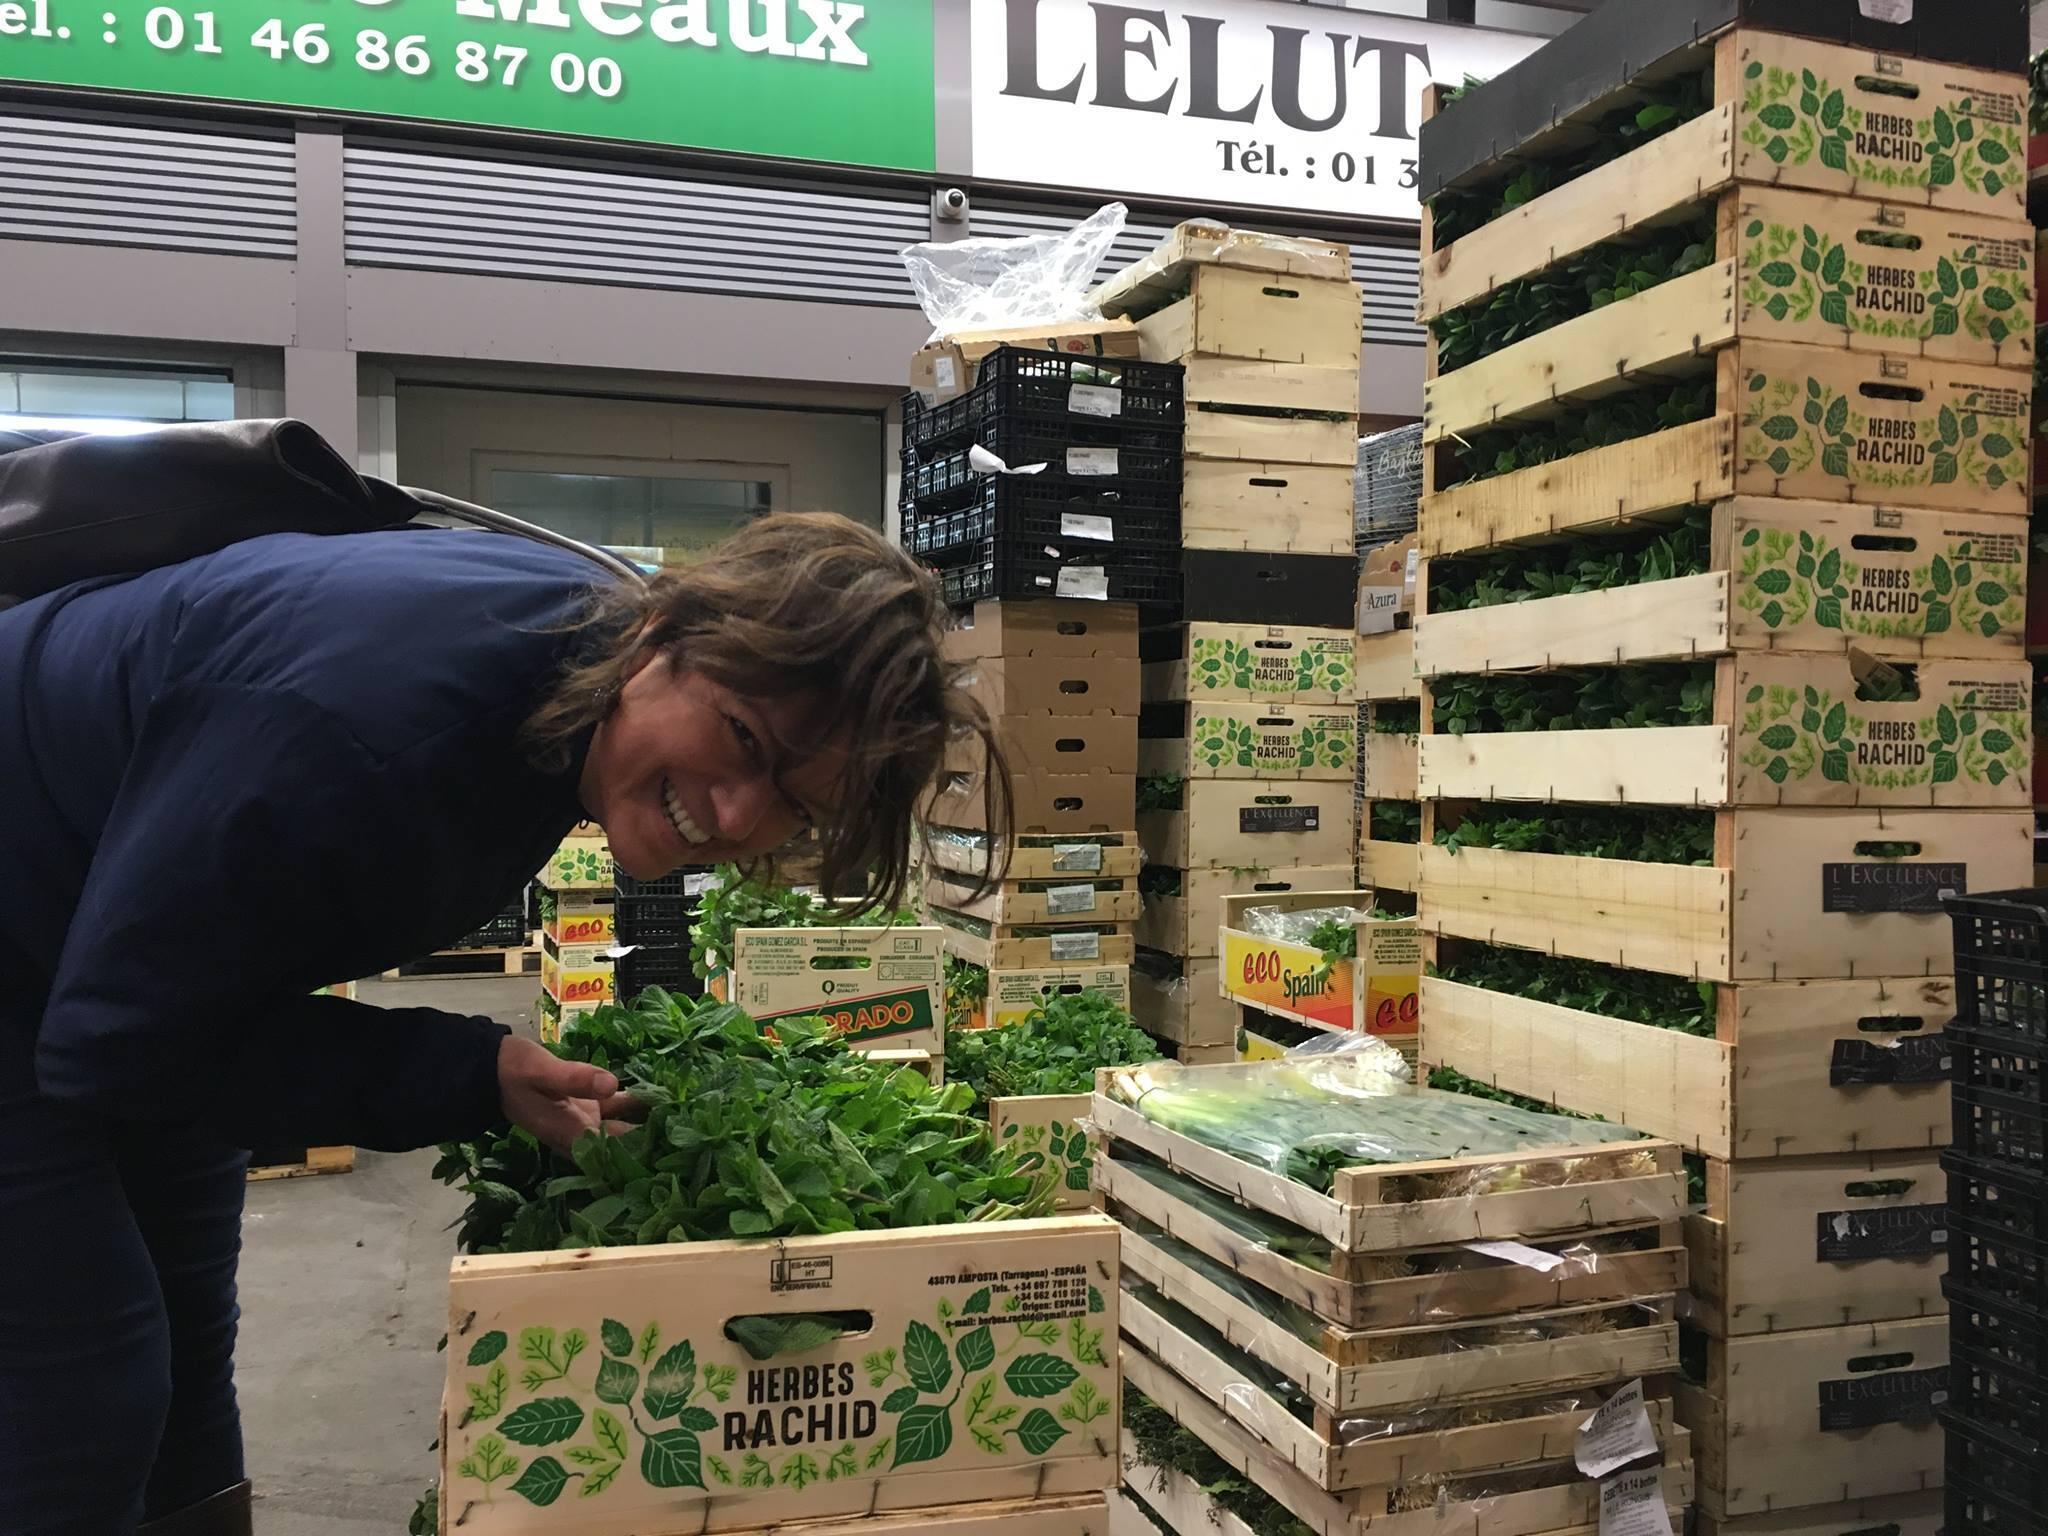 La agrónoma argentina Carina Rutgerson trabajó durante tres años en Rungis como directora de una empresa de acondicionamiento de frutas y verduras orgánicas.